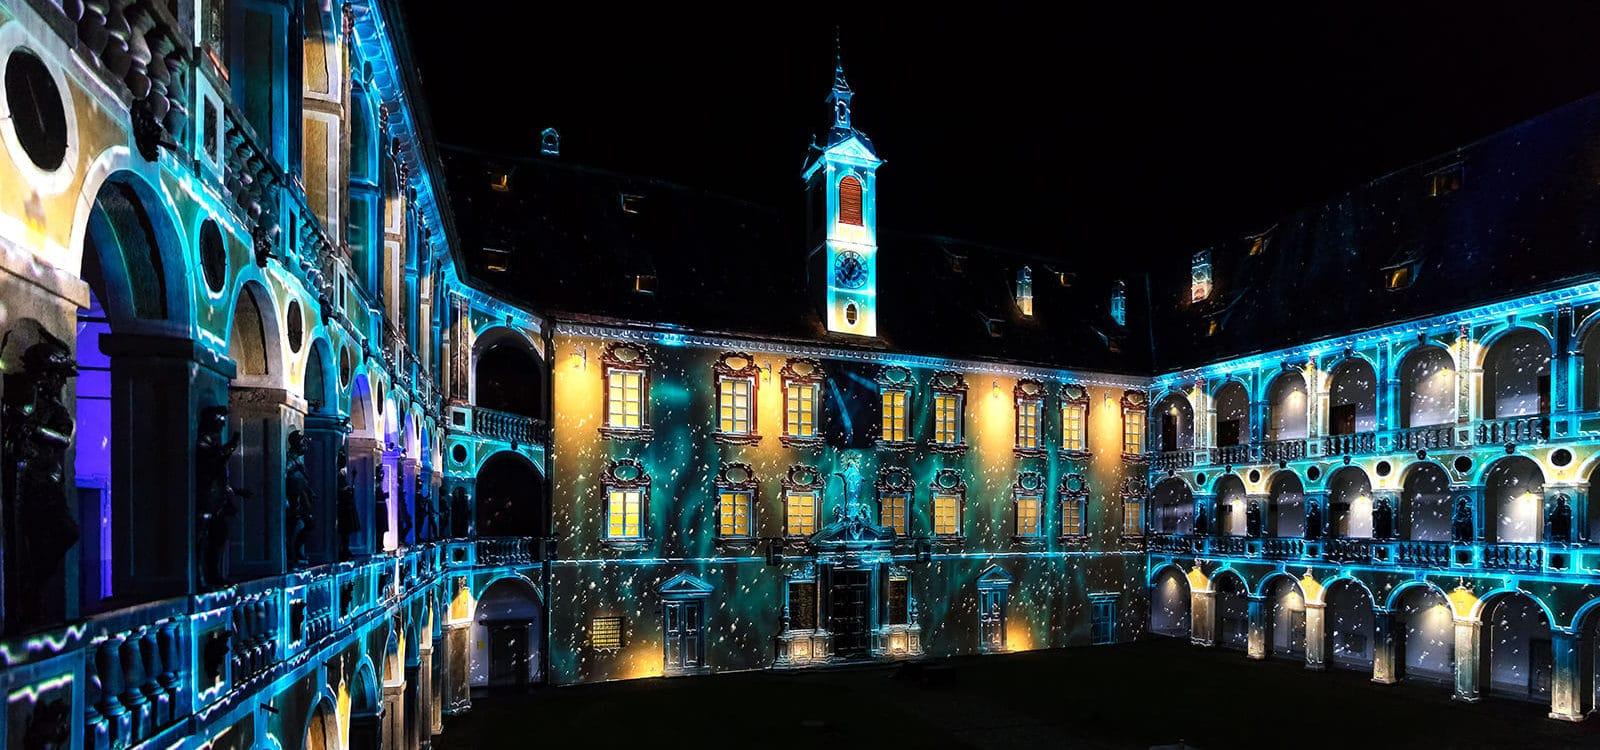 Gerharts - Weihnachten und Lichtershow in Brixen